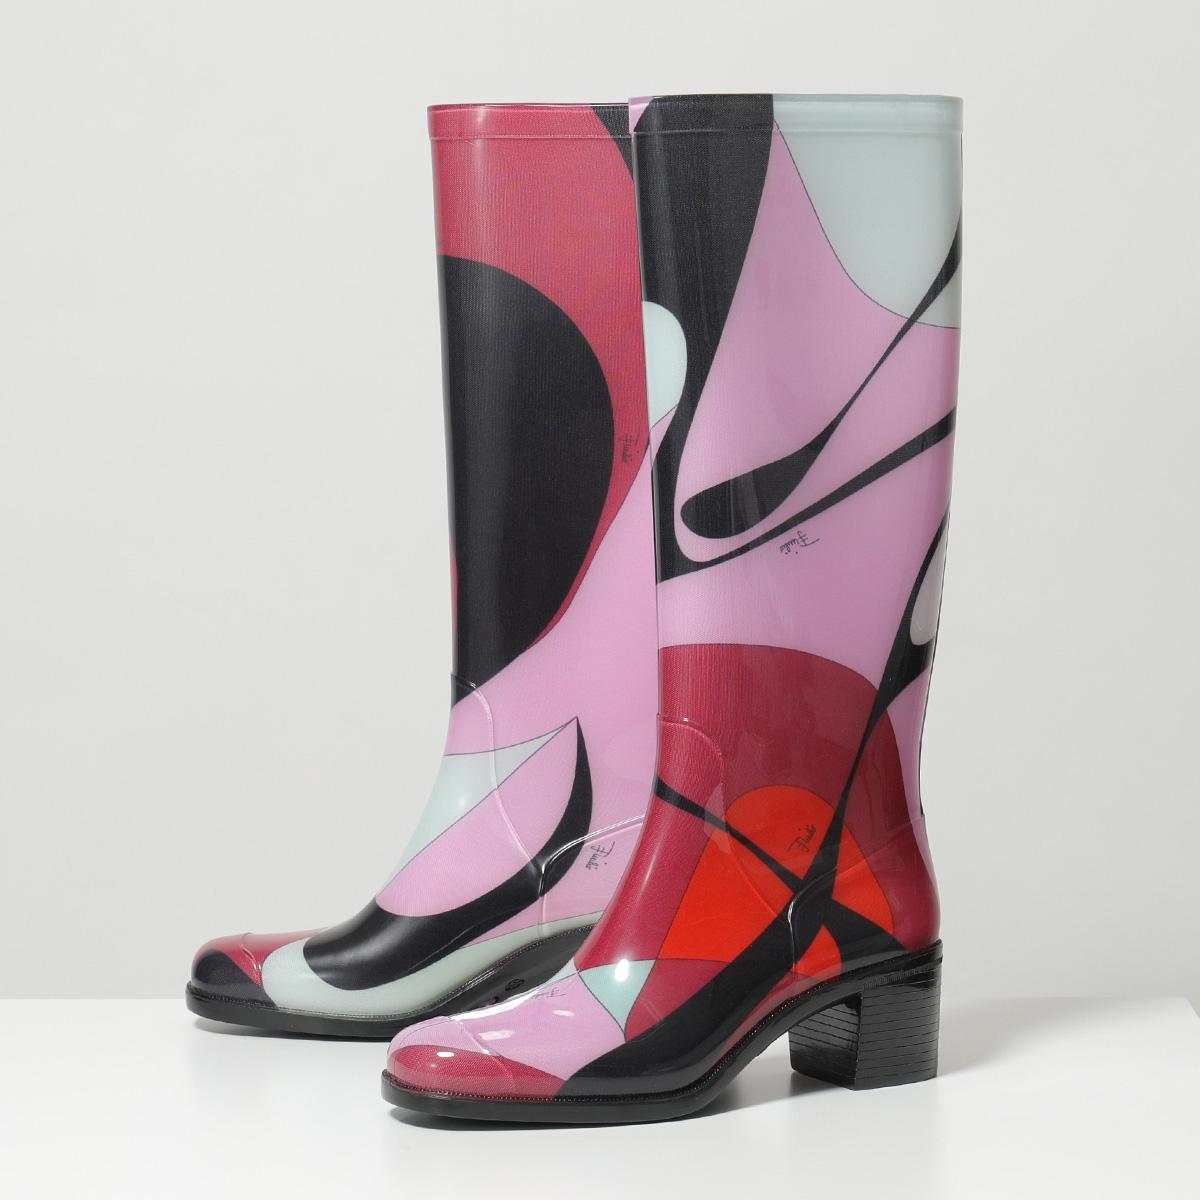 【有名人芸能人】 【訳有】EMILIO PUCCI エミリオプッチ 9UCE45 9UX18 Alex Print Rubber Boots ラバー レインブーツ ロングブーツ A99 靴 レディース, 大畠町 3429c9d1